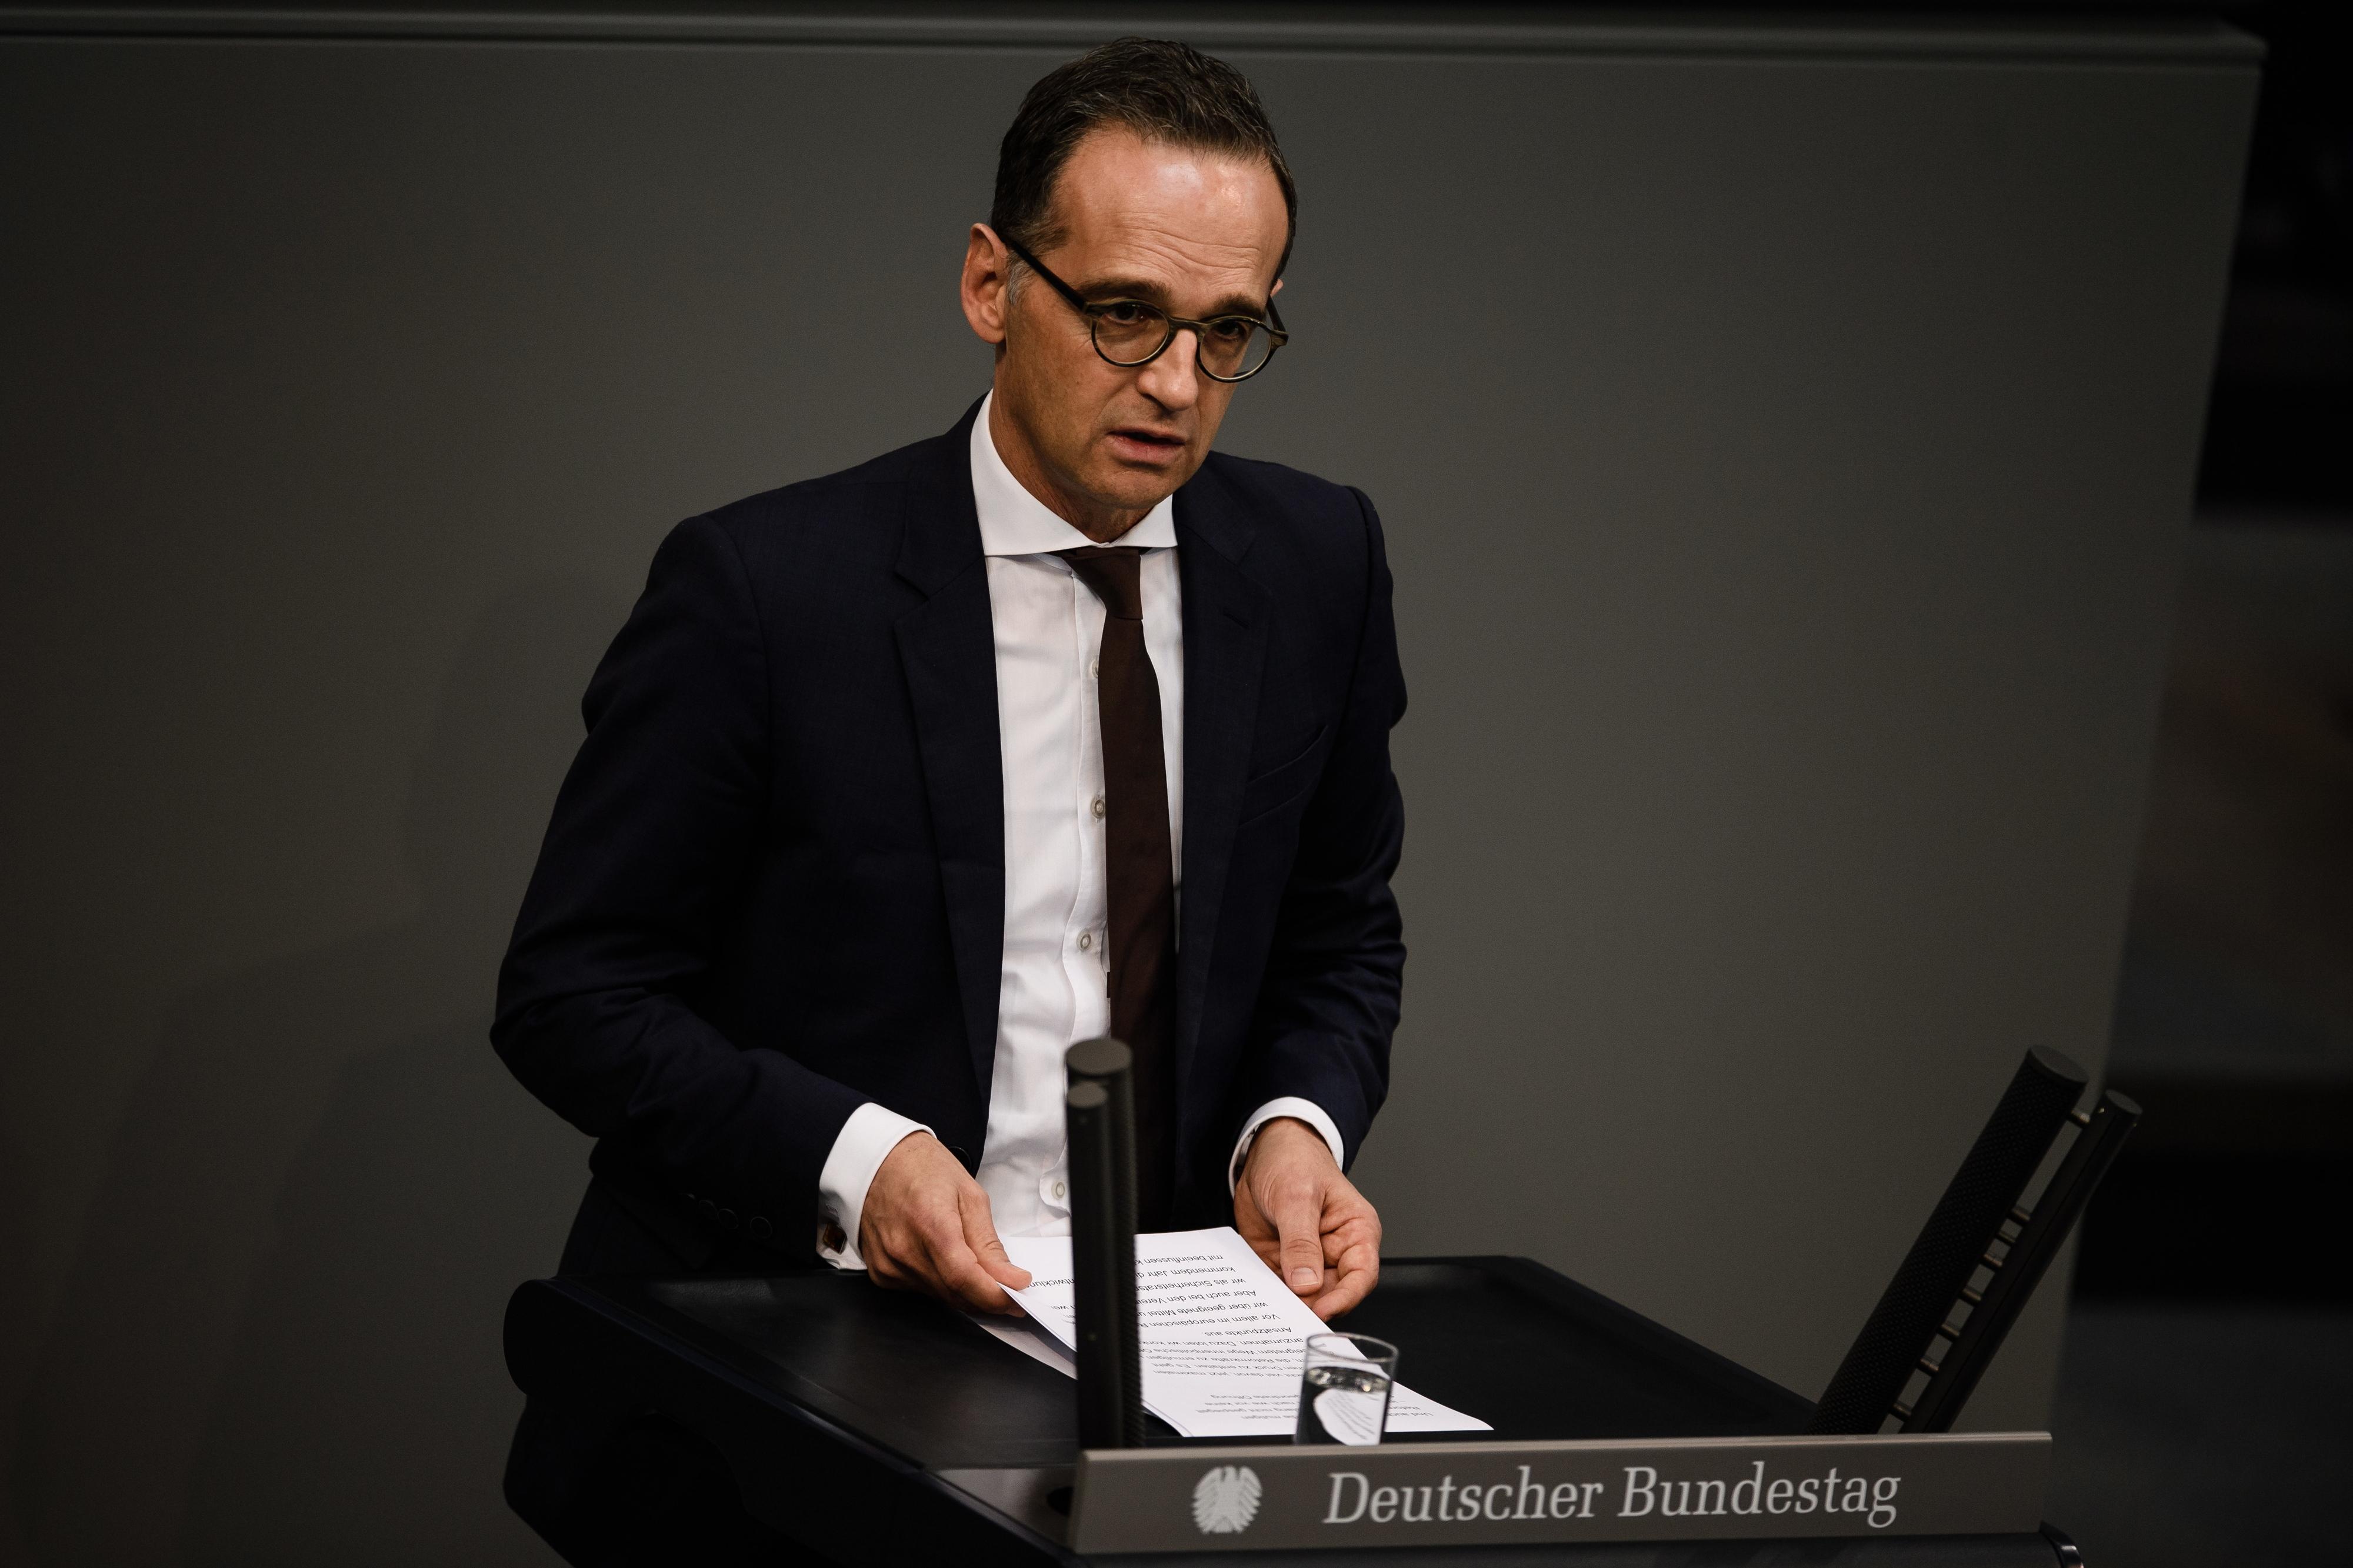 Chefe da diplomacia alemã cancela viagem à Arábia Saudita